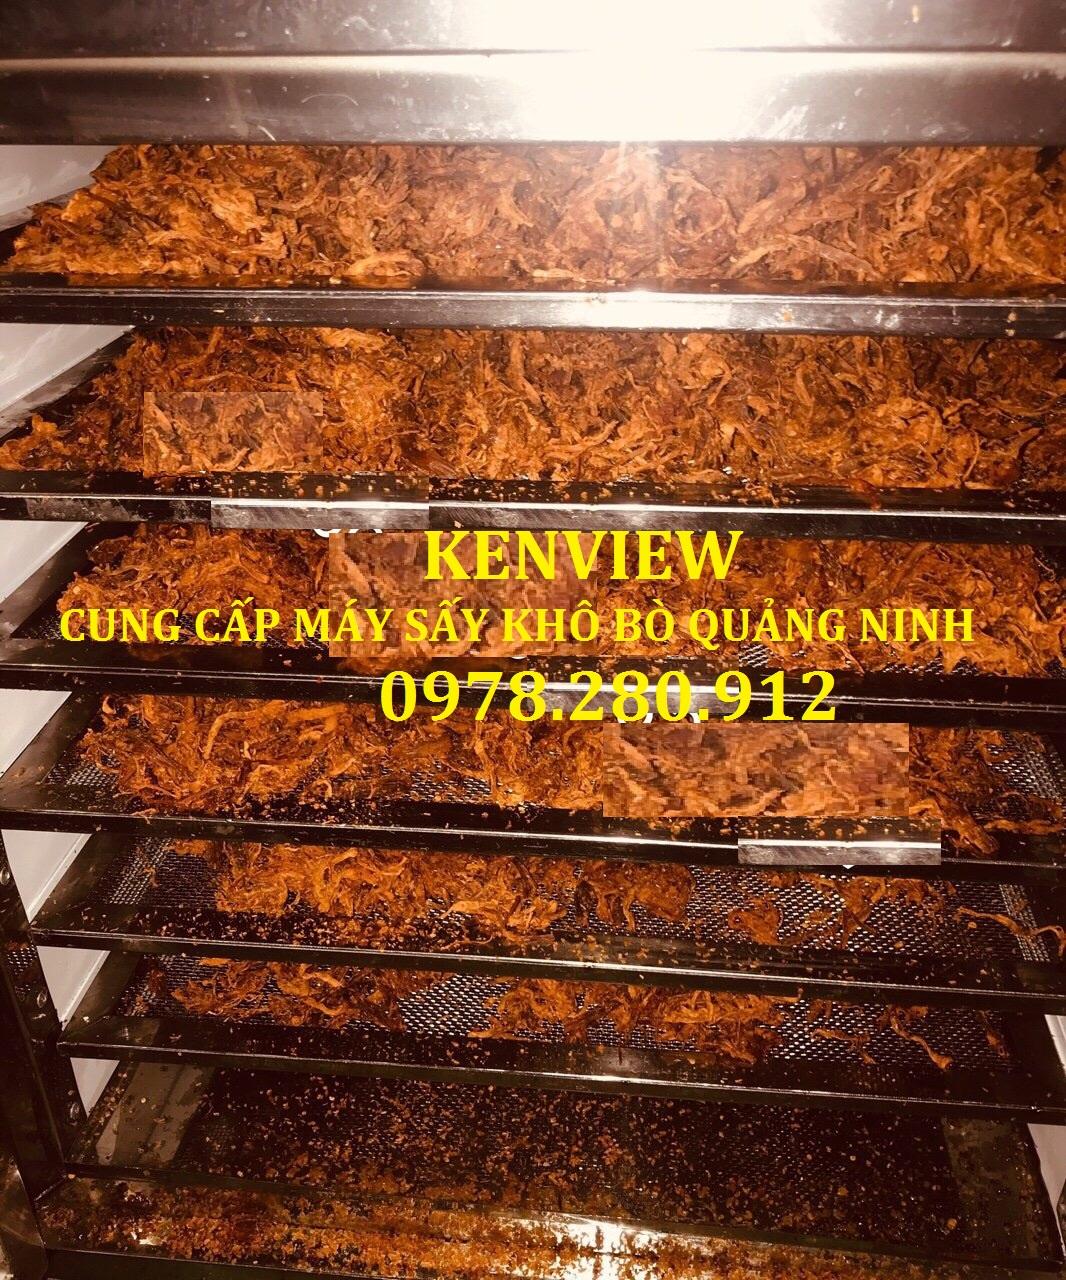 Máy sấy khô bò tại Quảng Ninh